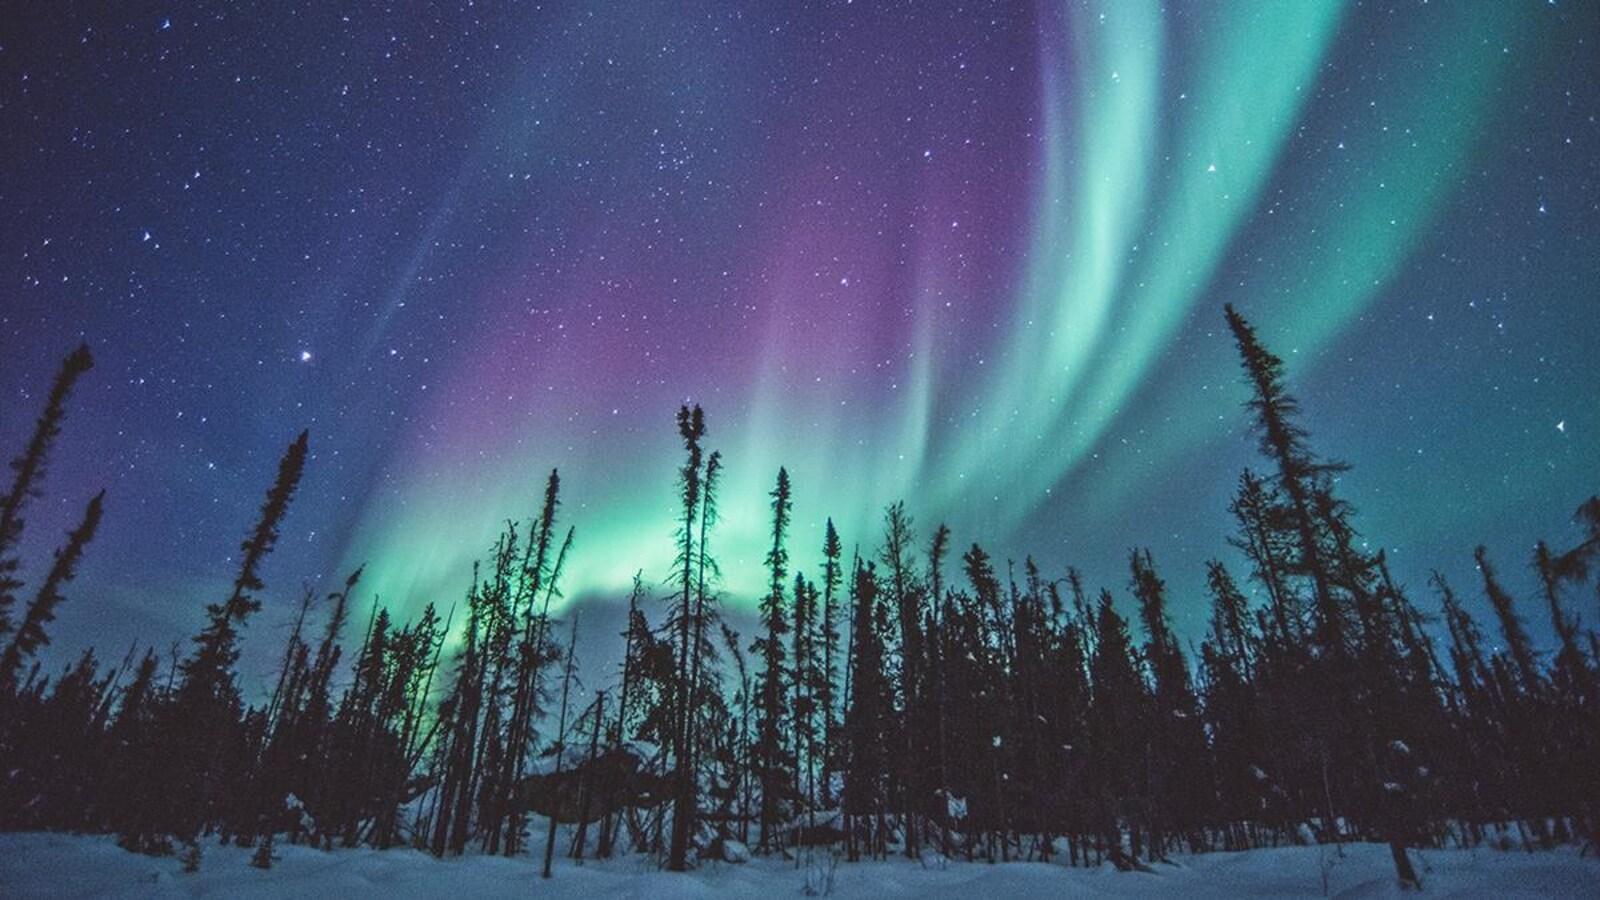 Des aurores boréales sous un ciel étoilé.